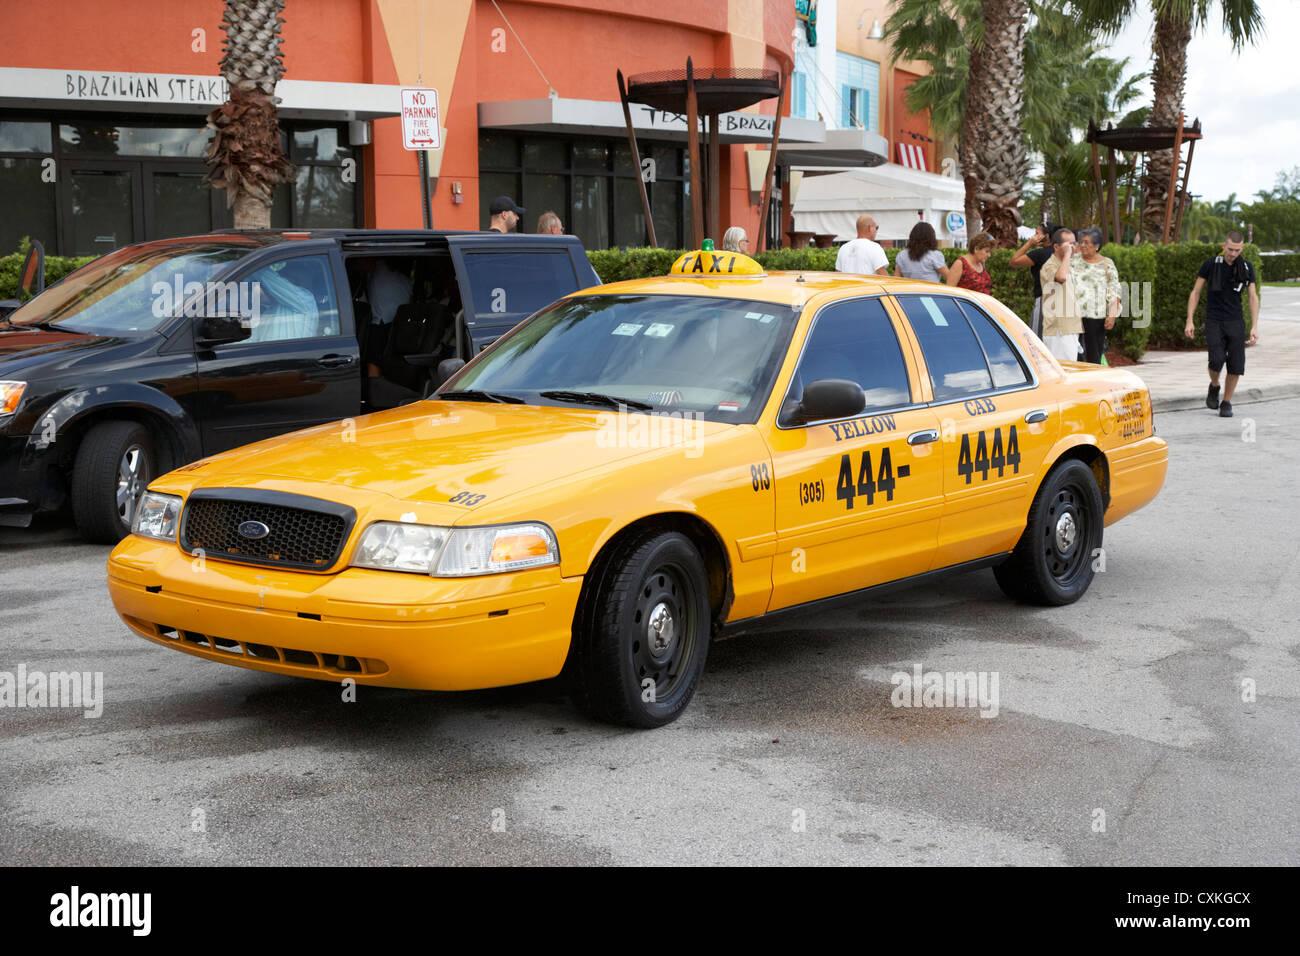 South Beach Taxi